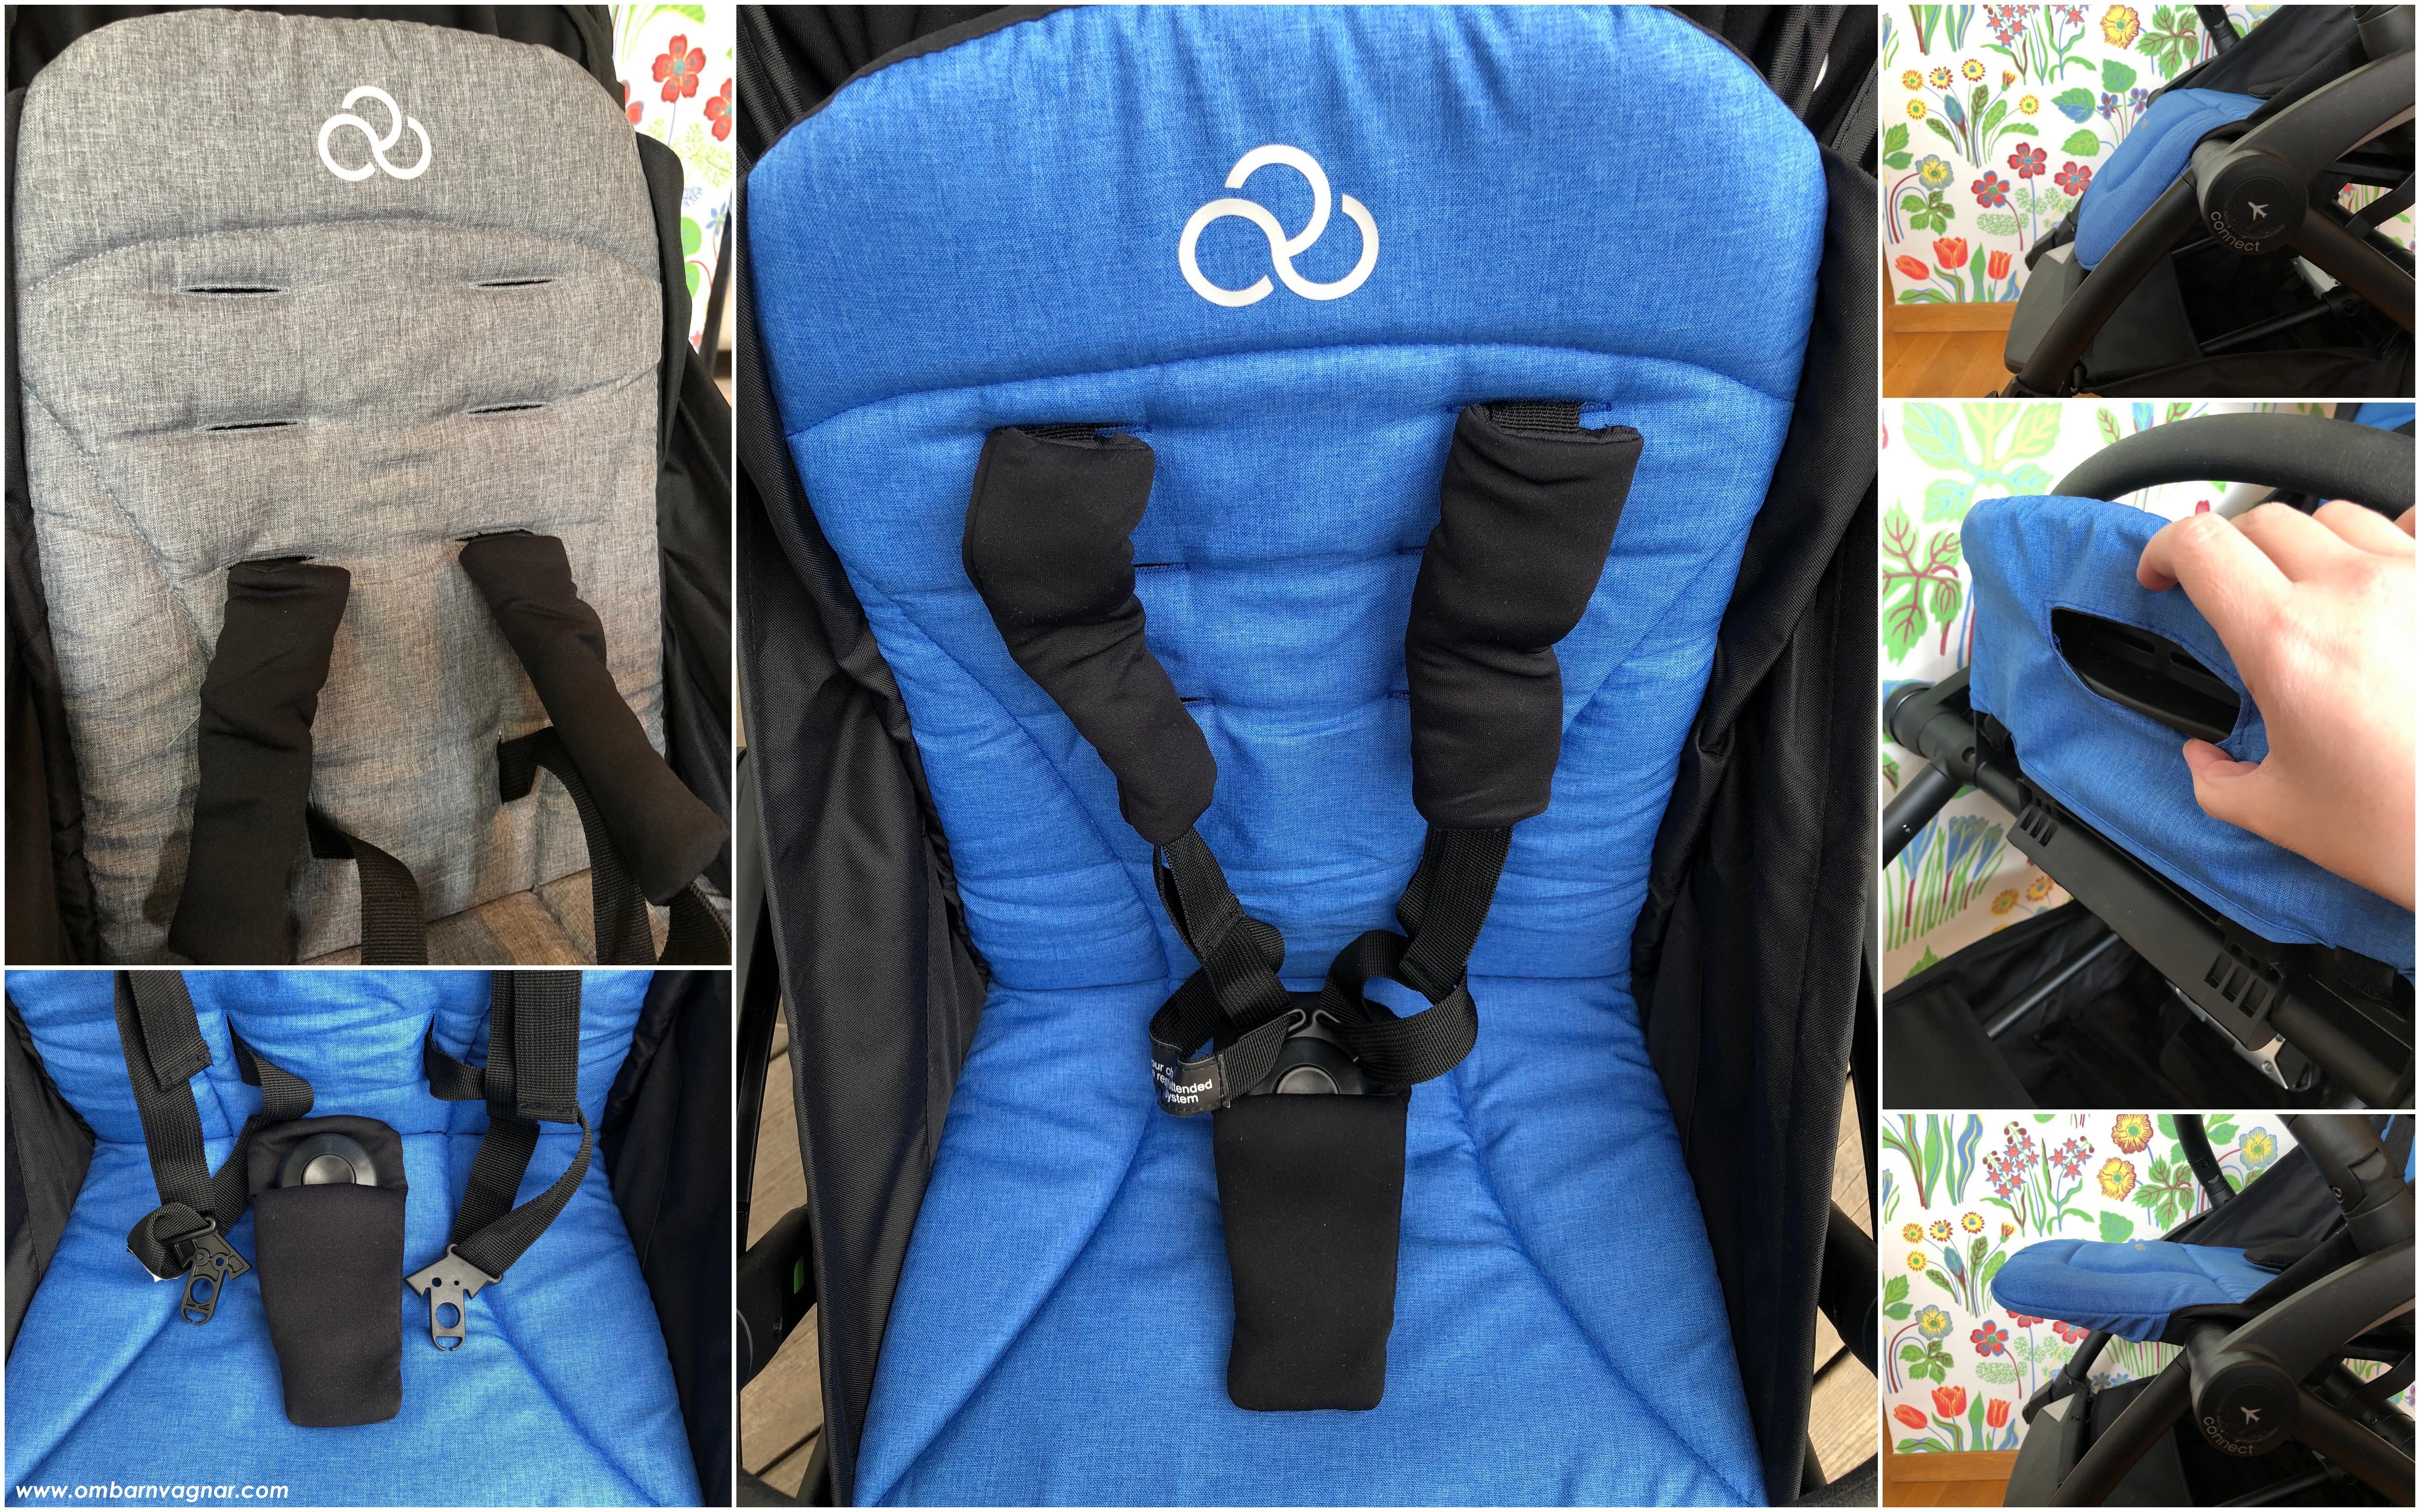 Bumprider Connect sittdel med ställbart fotställ och höjbar sele